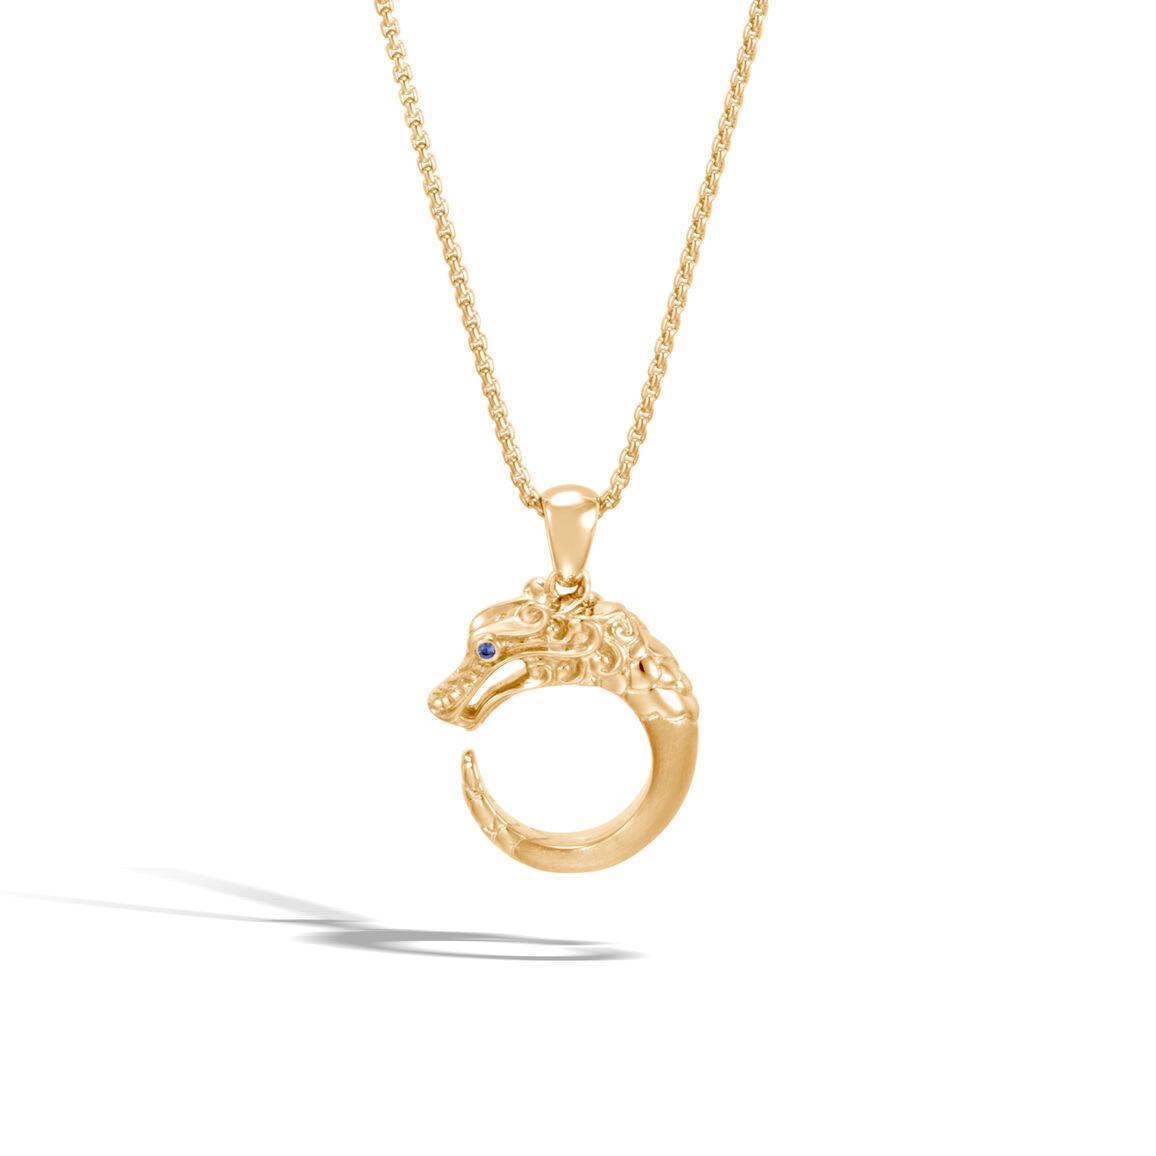 Legends Naga Pendant Necklace in Brushed 18K Gold